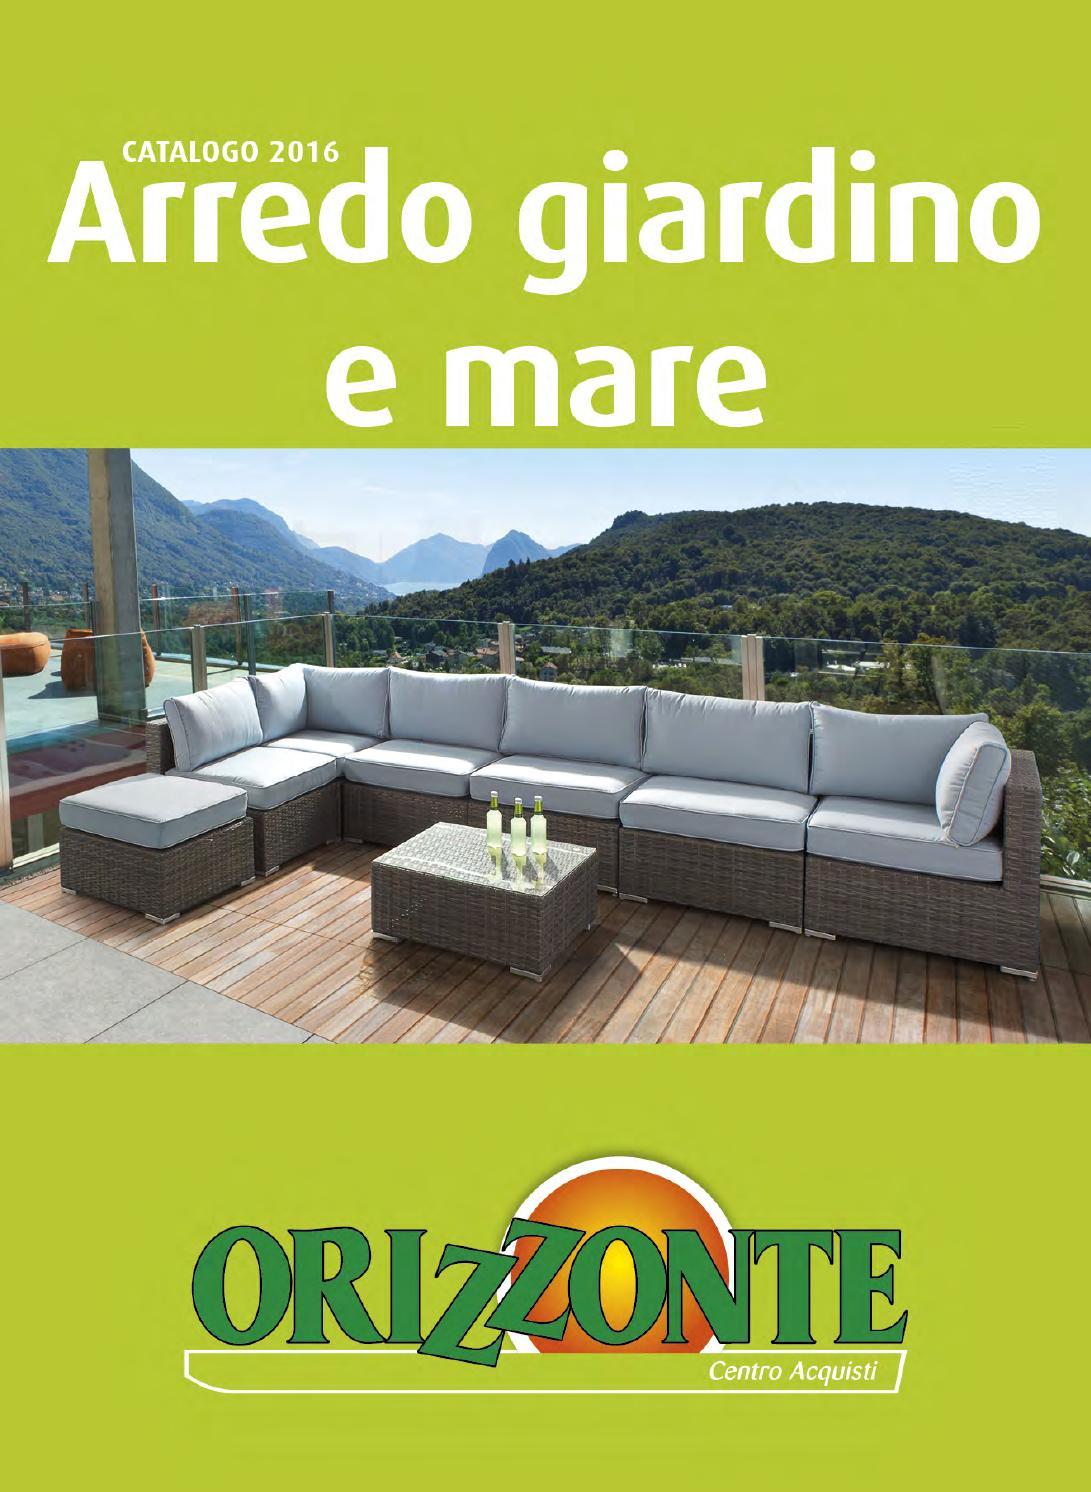 catalogo arredo giardino e mare orizzonte 2016 by alex web